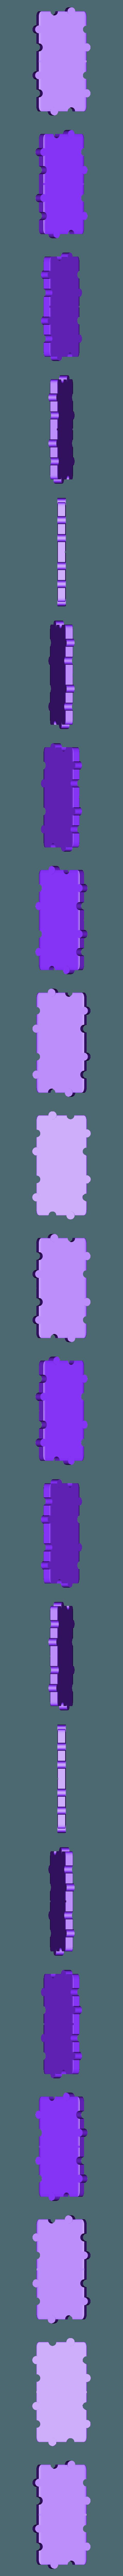 Ligne 0.stl Download STL file Domino 3D • 3D print design, graphismeMIH